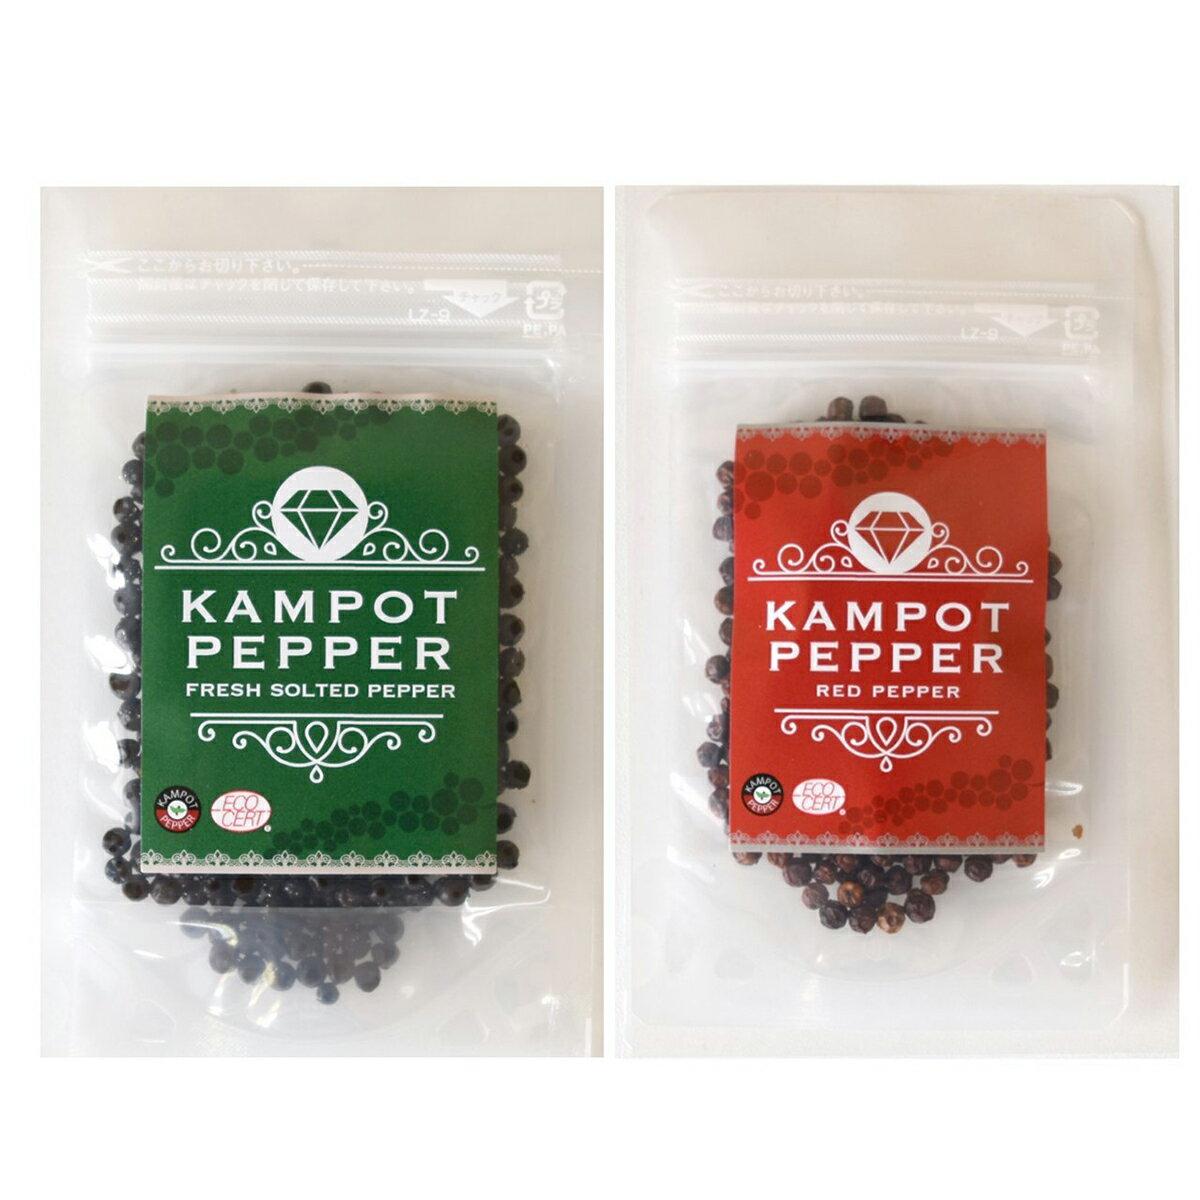 カンポット・ペッパー 生胡椒 30g + 赤胡椒 20g クリックポスト